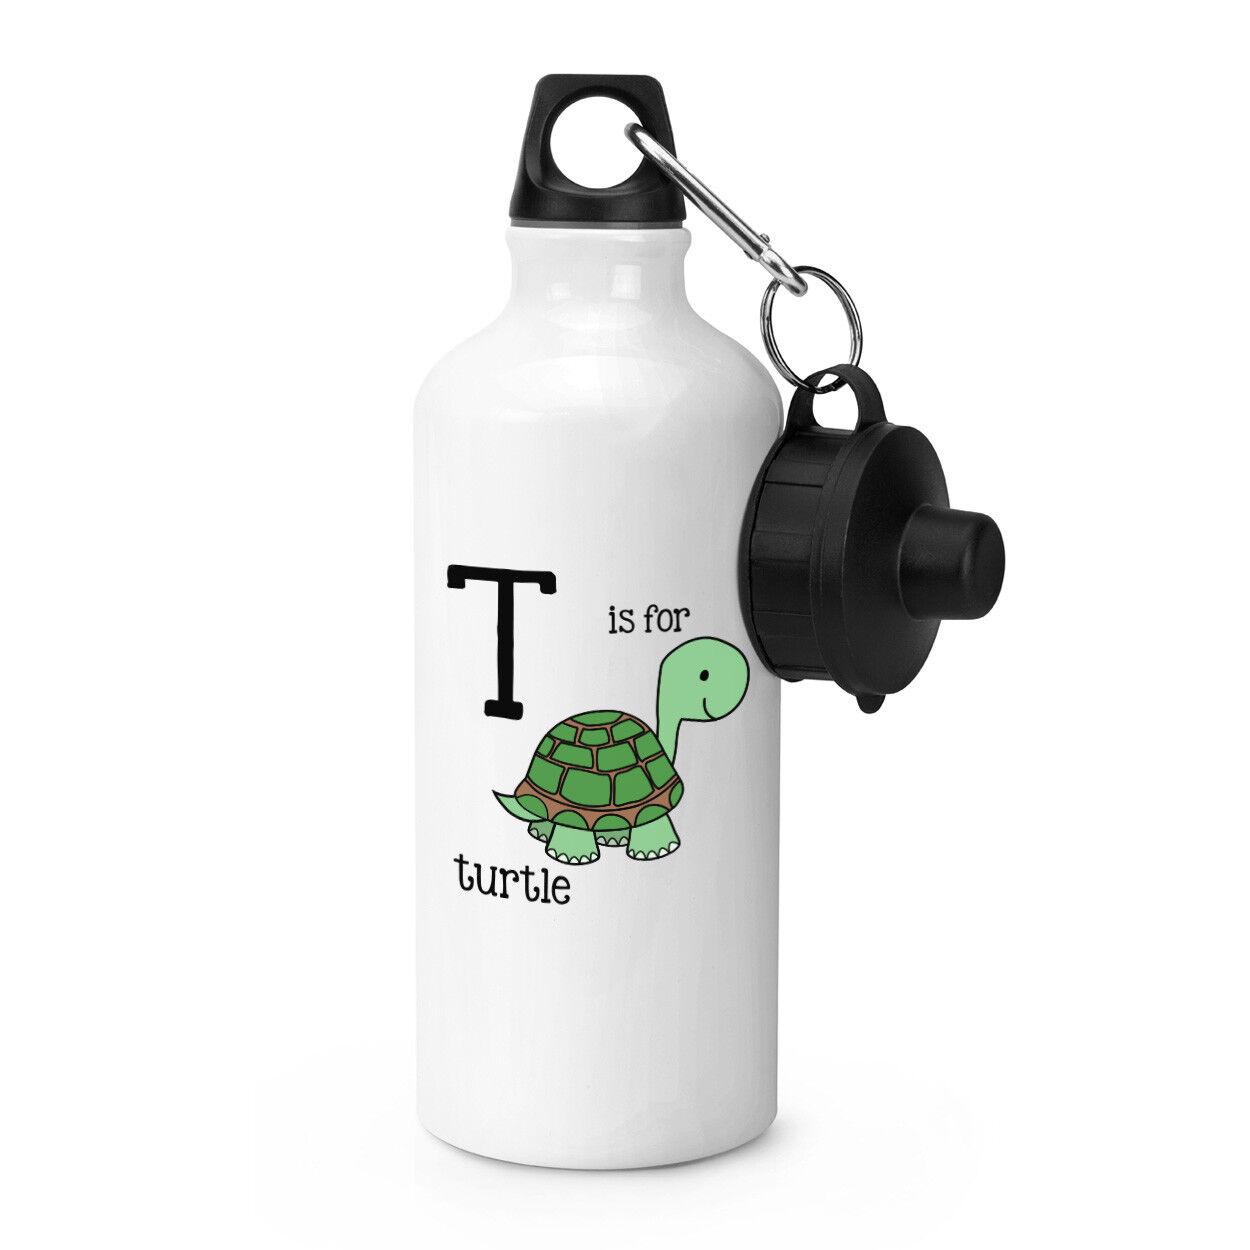 Lettre T Is pour tortue sport bouteille Alphabet Alphabet bouteille BOISSONS CAMPING FLASQUE 9d584f